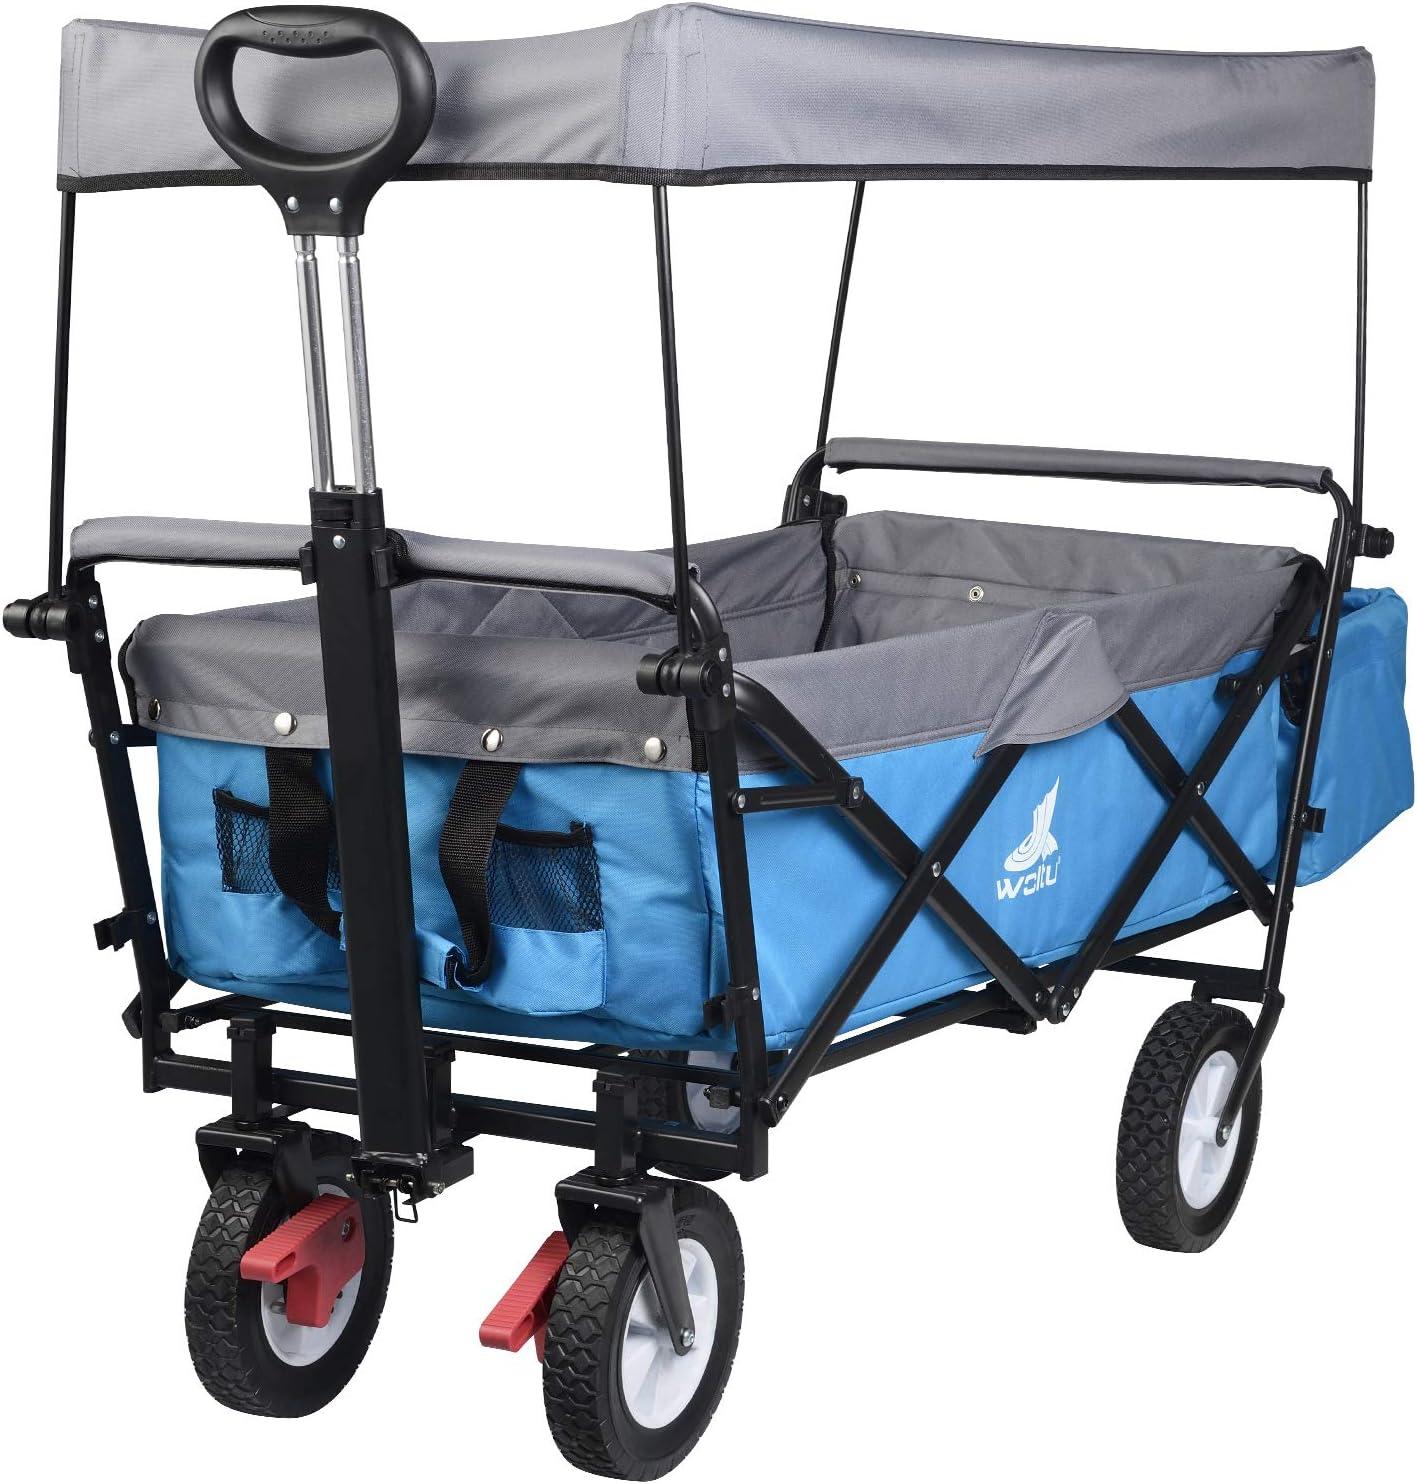 T/ürkis f/ür den Garten Camping Kinder WOLTU Bollerwagen faltbar Handwagen Gartenwagen mit Dach TW006tkg Rollen mit Bremse 80 kg belastbar Strandwagen mit Sonnenschutz